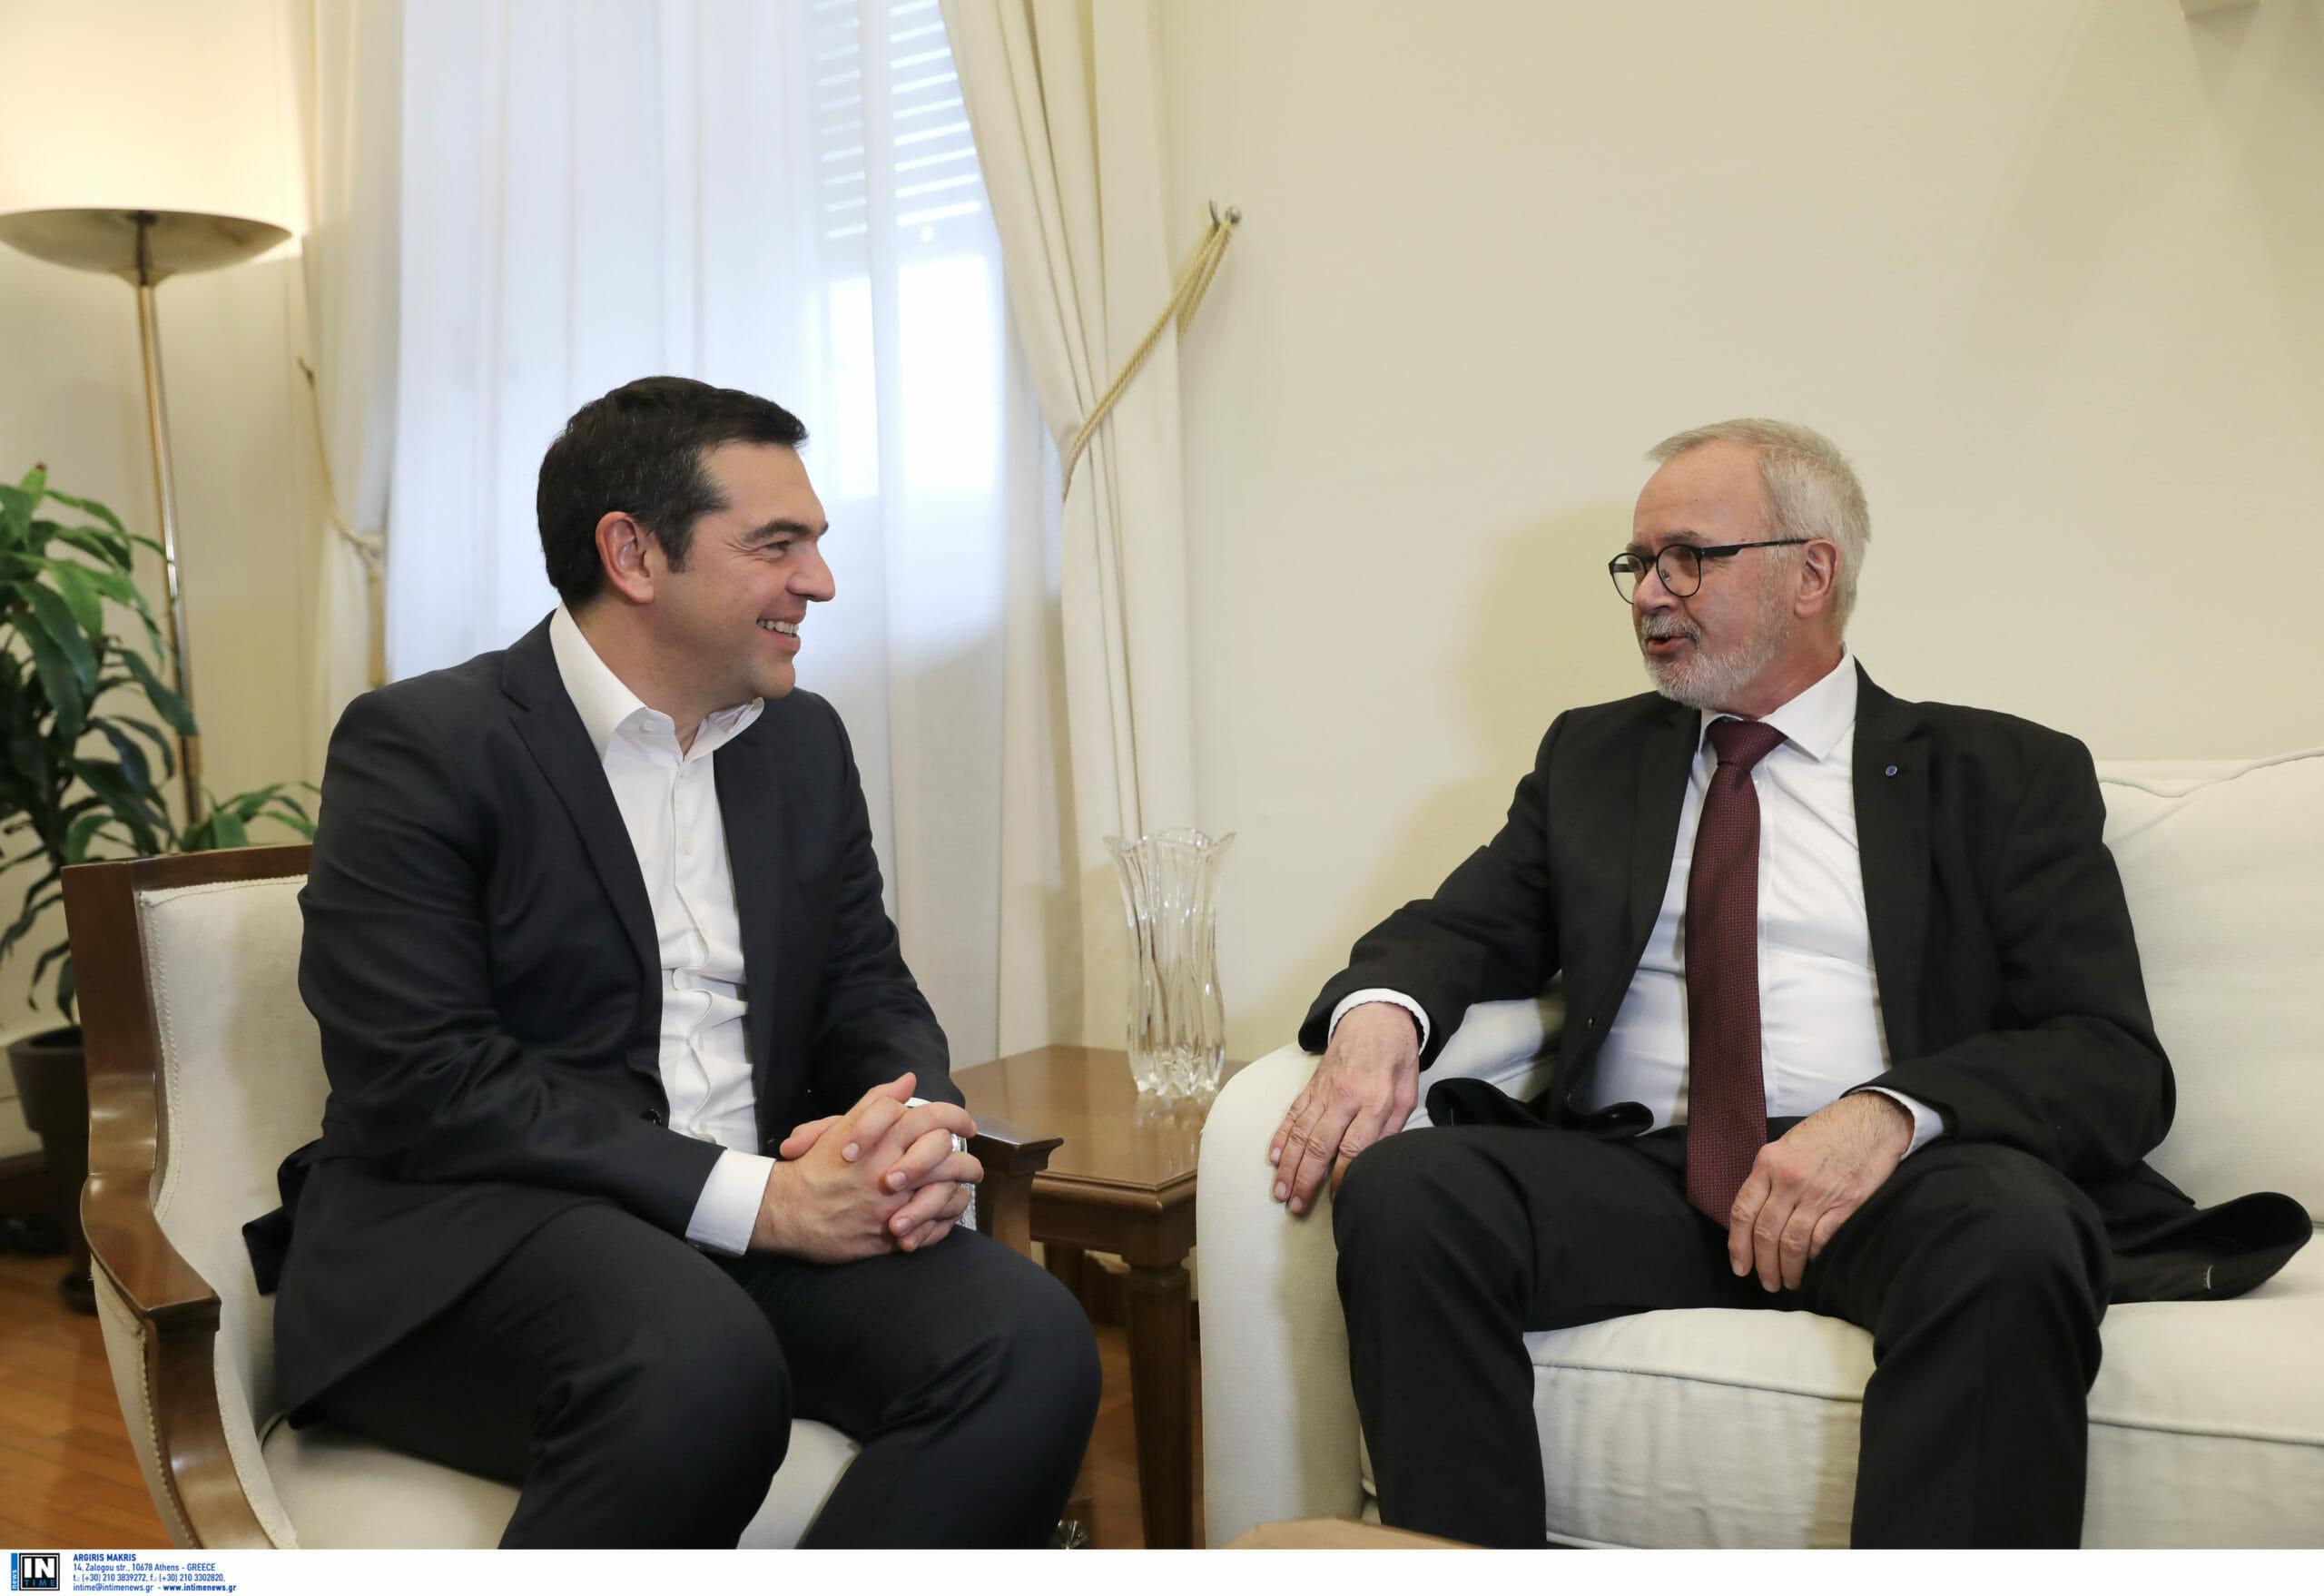 Με τον πρόεδρο της Ευρωπαϊκής Τράπεζας Επενδύσεων συναντήθηκε ο Τσίπρας